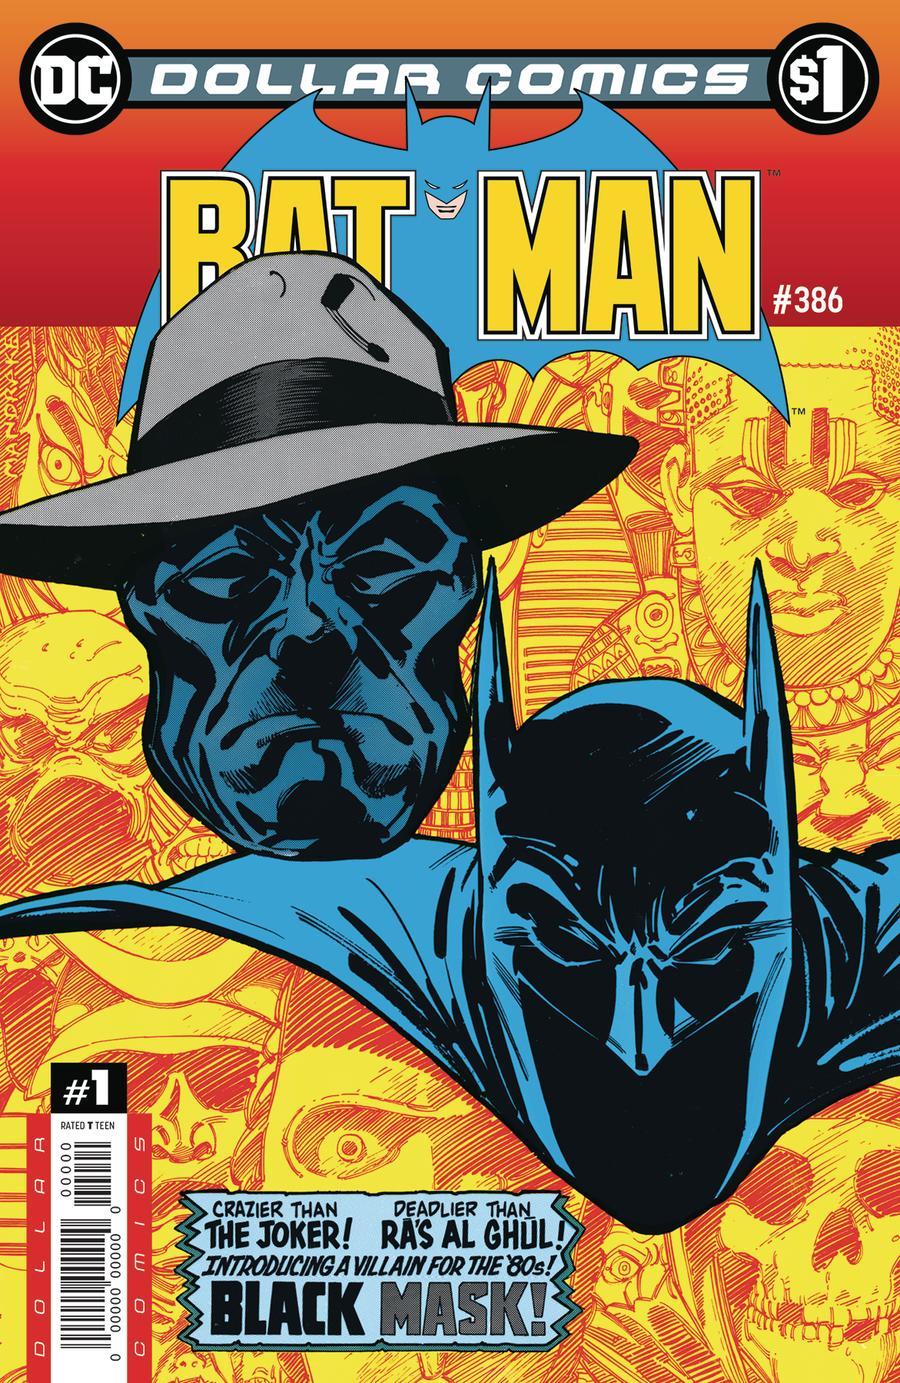 Dollar Comics Batman #386